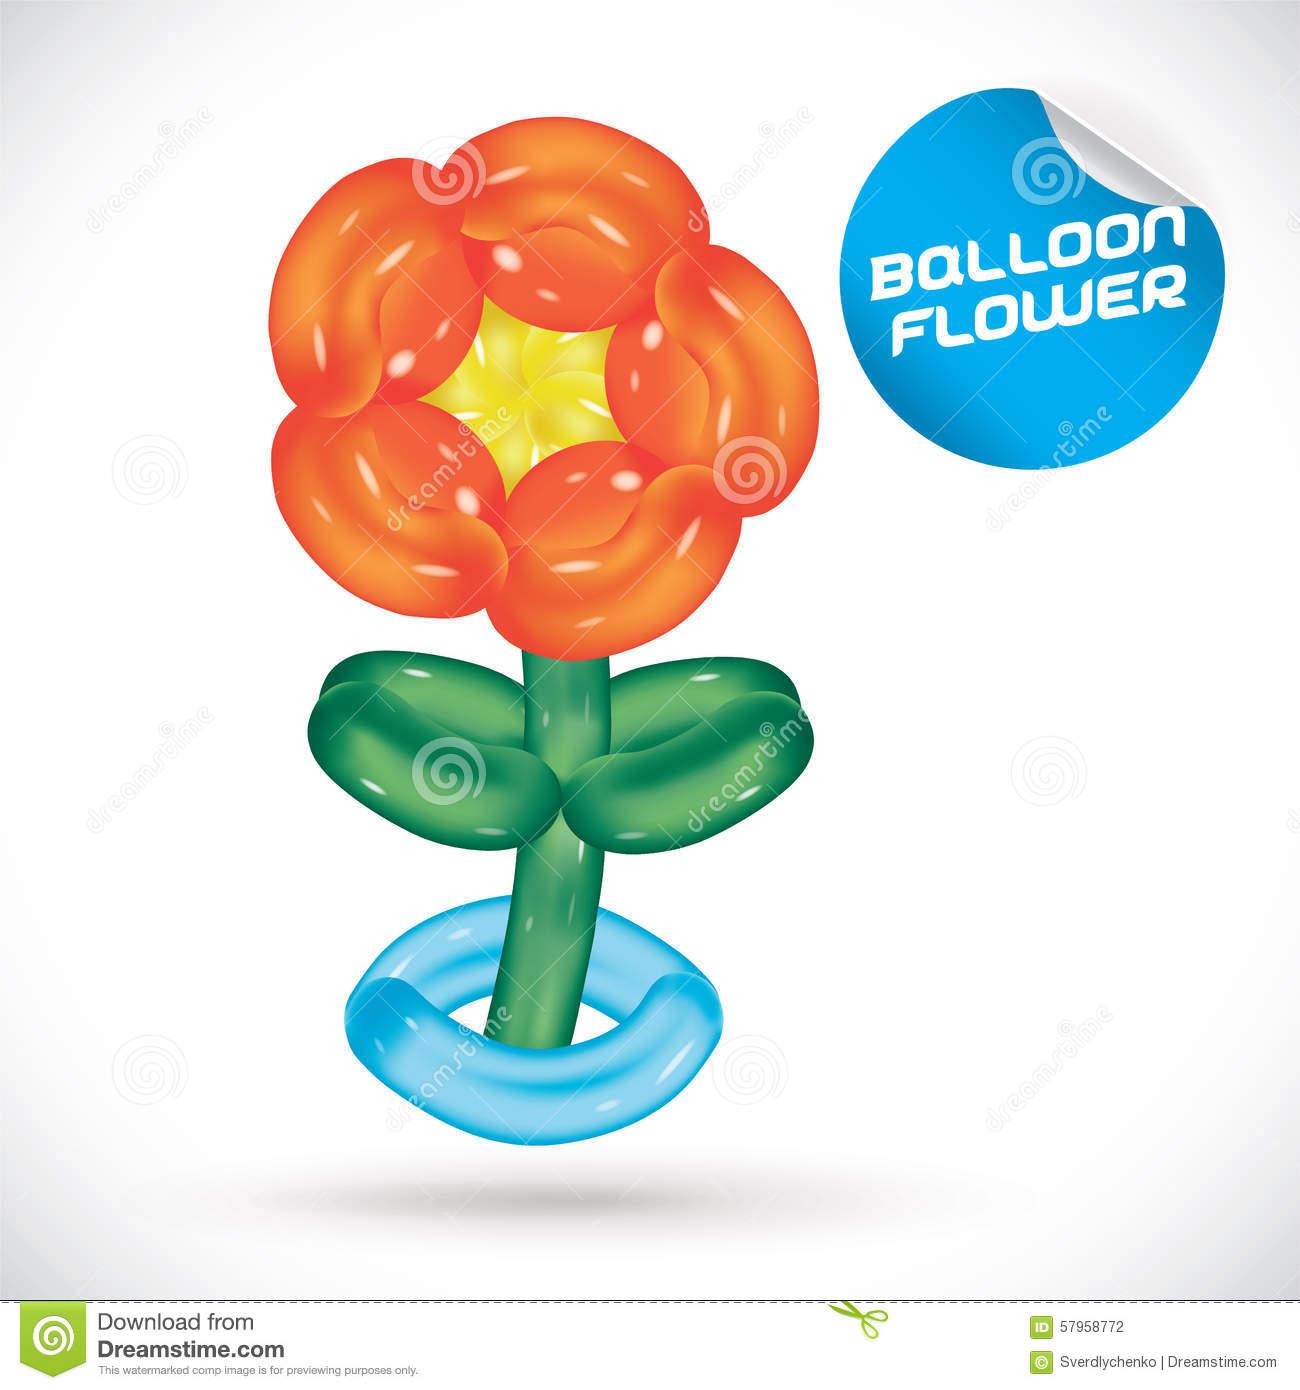 Balloon Flower Illustration Stock Vector.